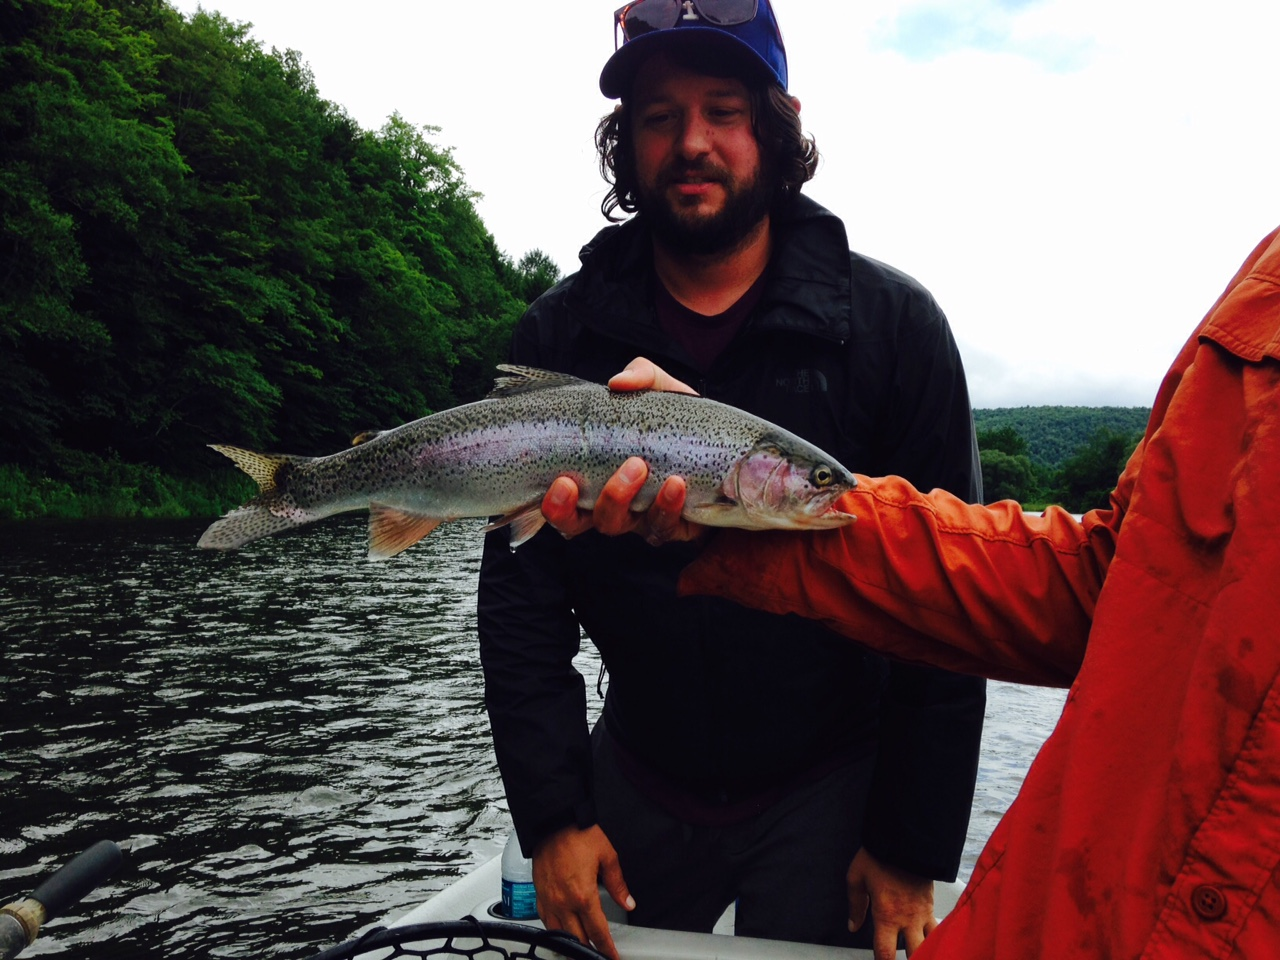 Ian slams this Wild Rainbow on a gold spinner.